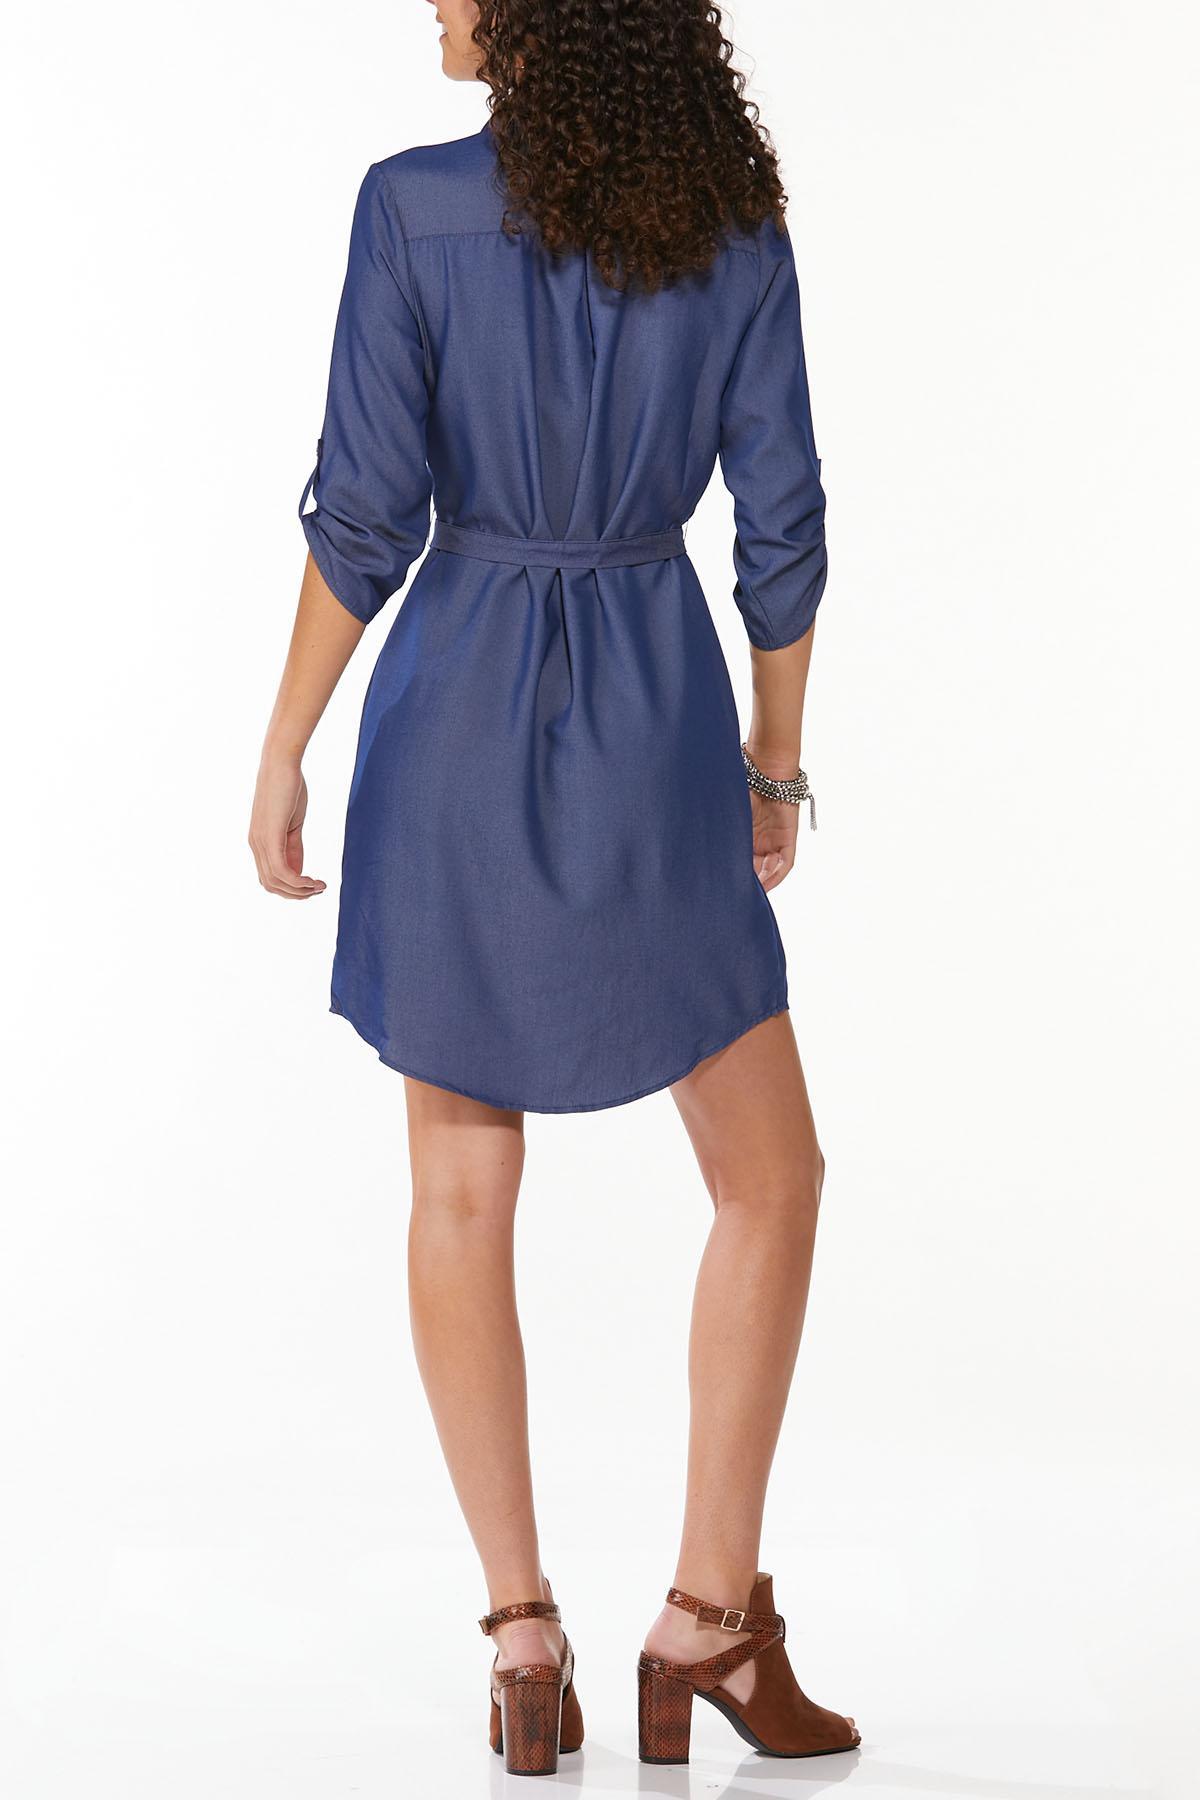 Chambray Shirt Dress (Item #44822649)